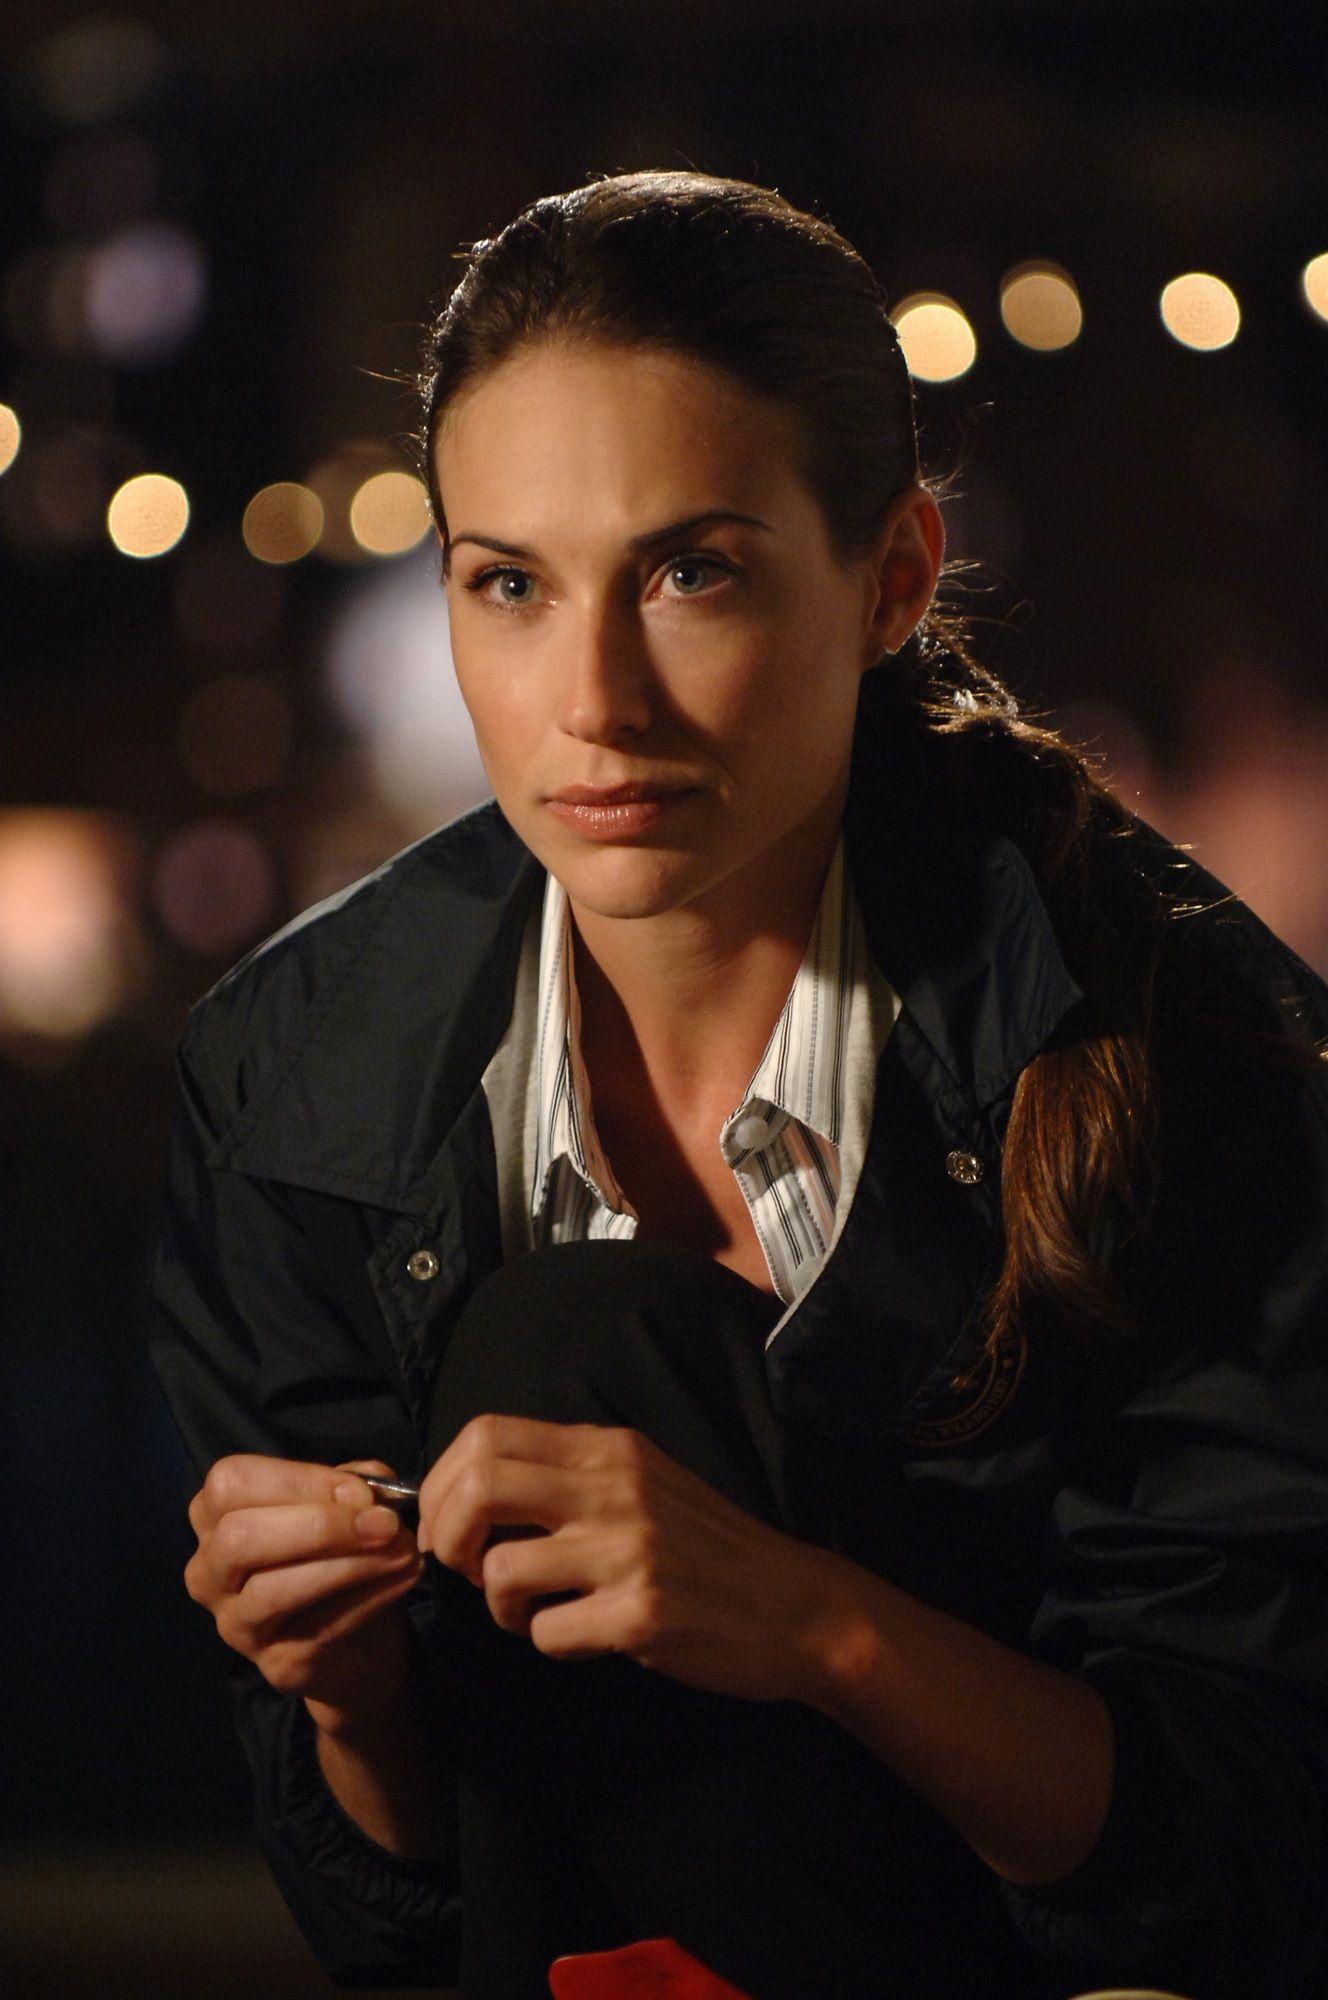 CSI : NY My Name Is, mac Taylor (TV Episode 2008) - Full Cast Mac Taylor, cSI, fandom powered by Wikia CSI NY - 5x08, my Name